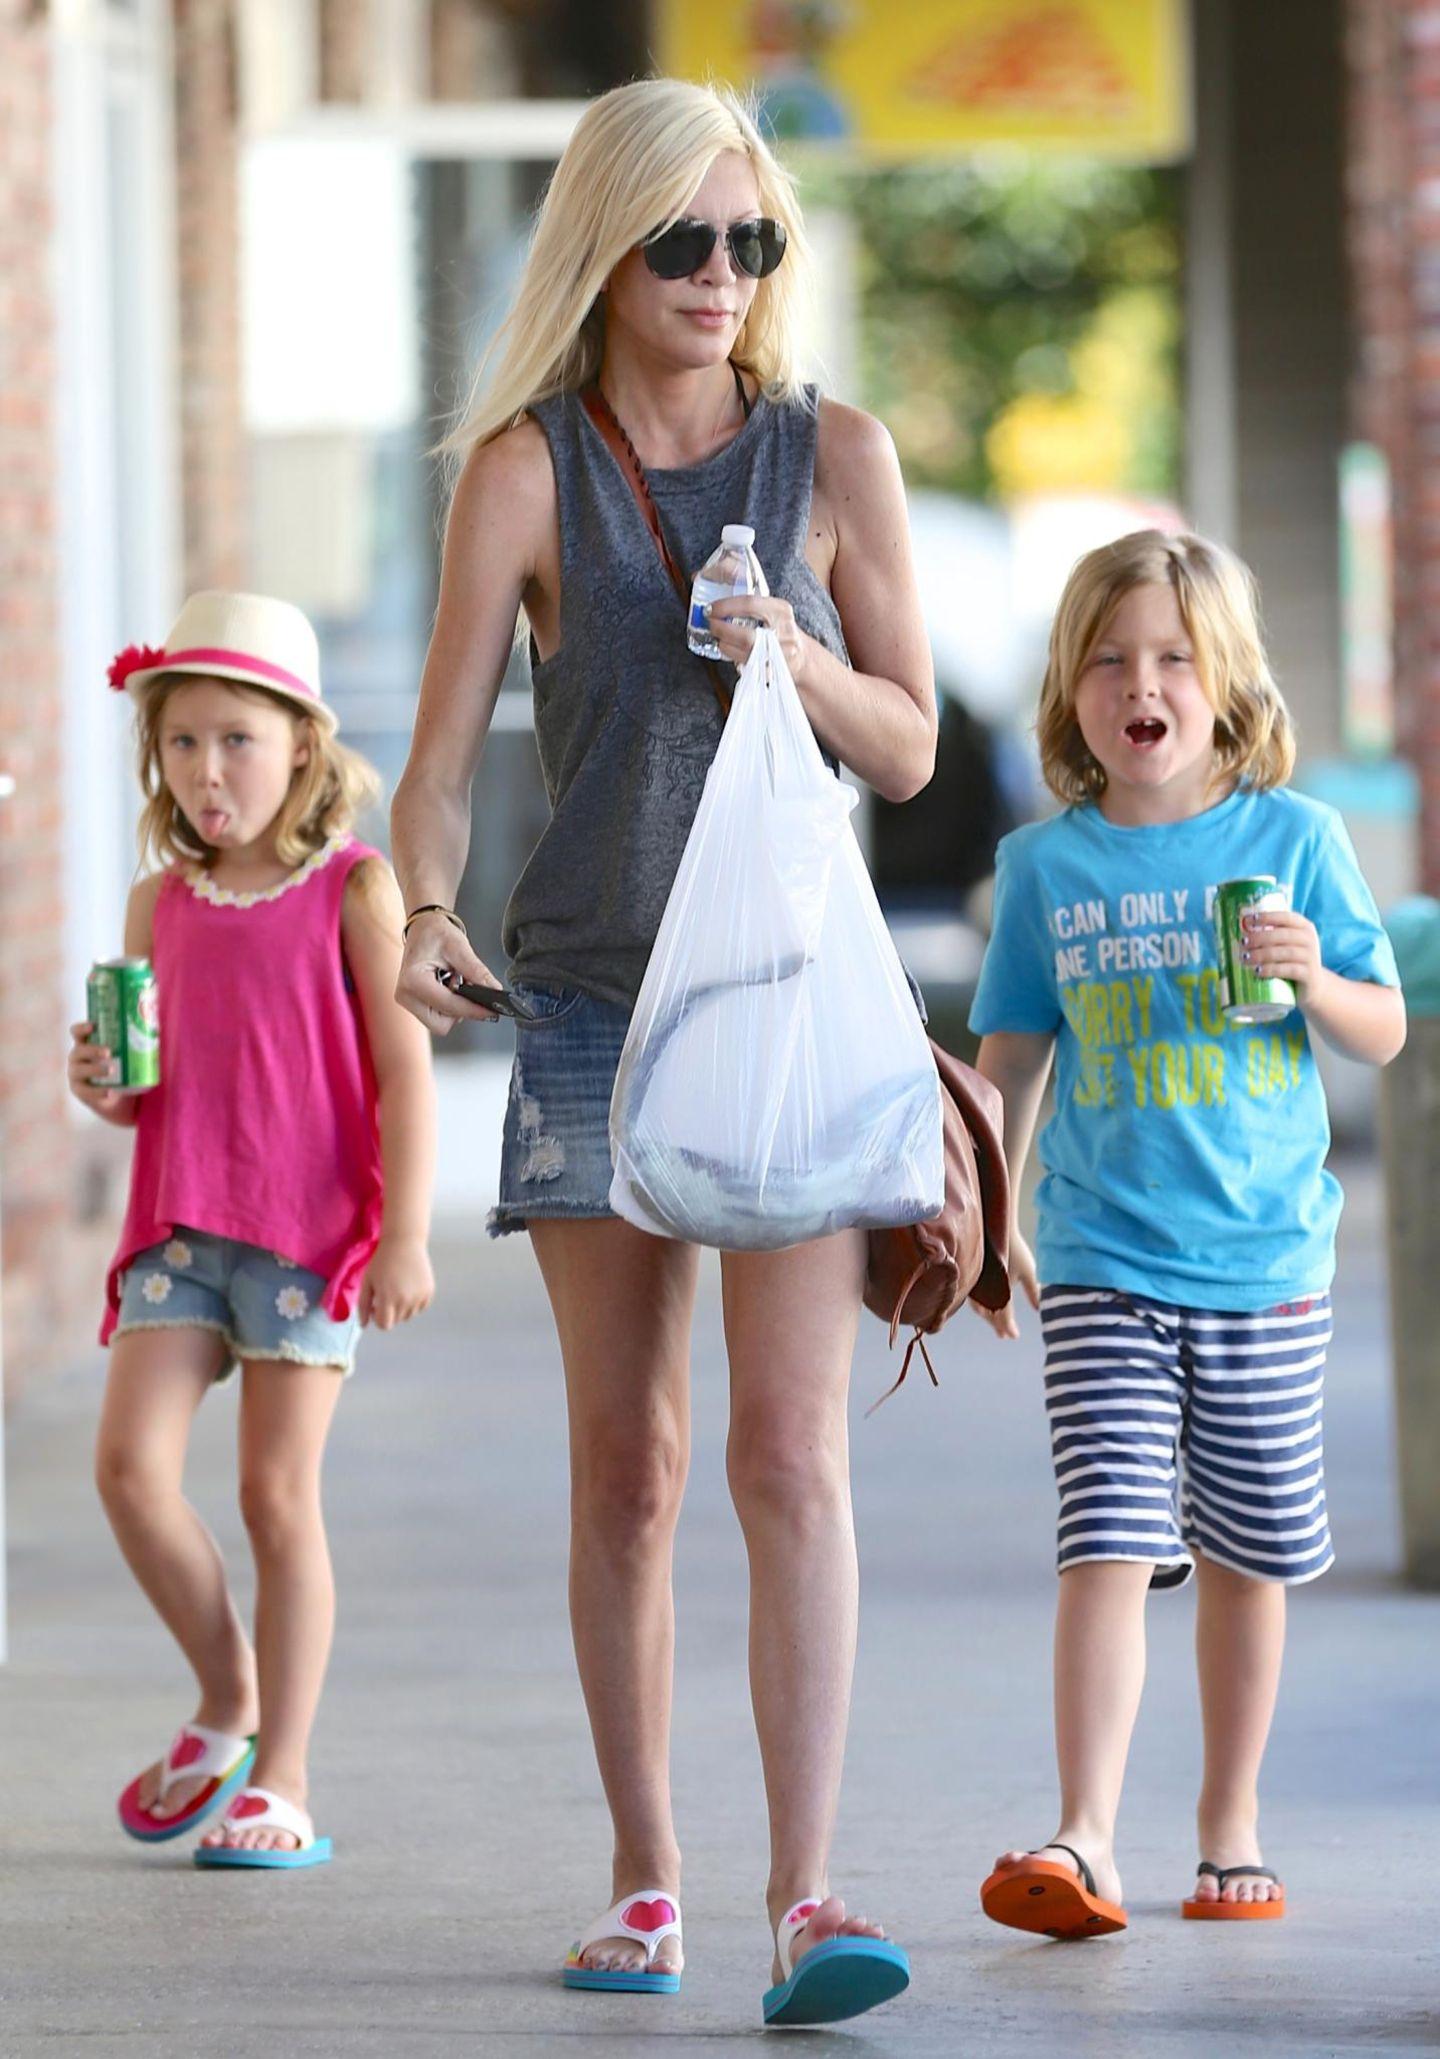 April 2014  Beim Besuch der thailändischen Massage bekommt Tori Spelling eine Tüte mit frischem Fisch geschenkt und bringt sie zusammen mit ihren Kindern Liam und Stella zum Auto.